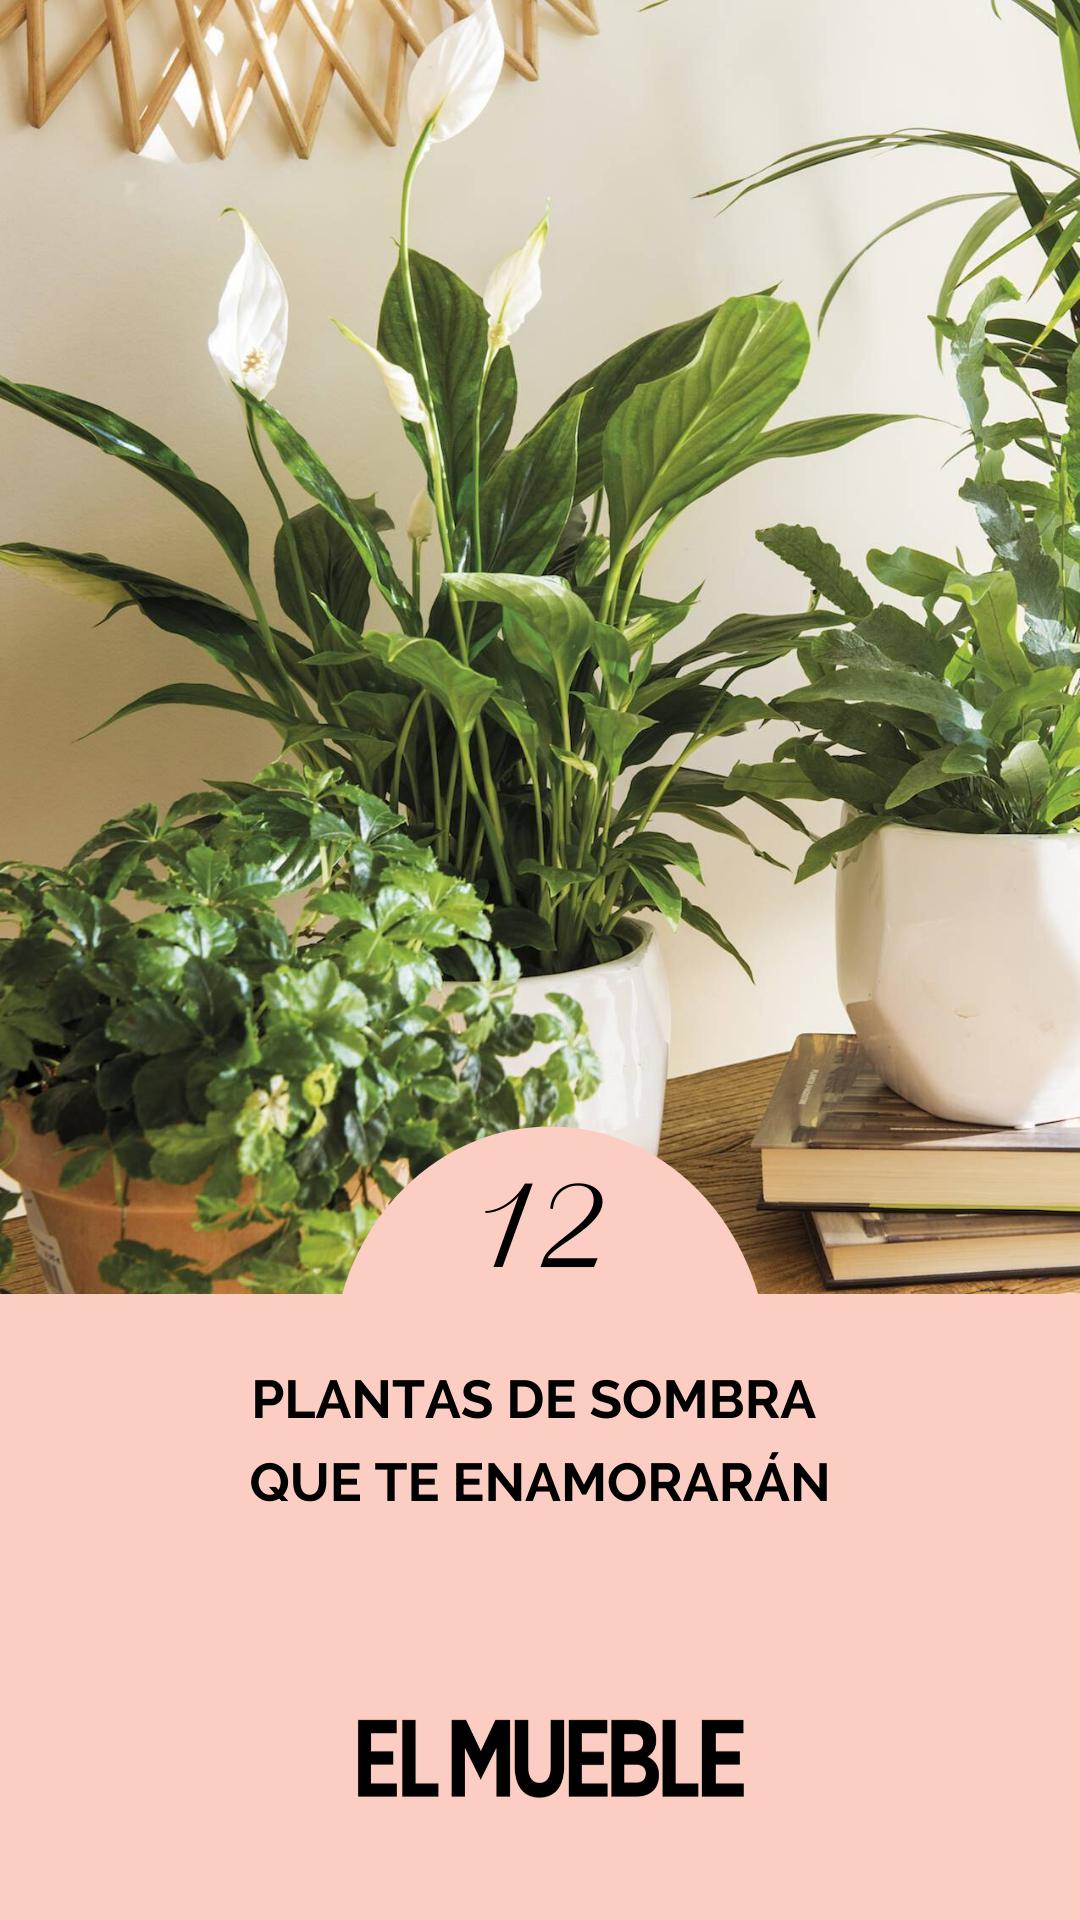 Las plantas necesitan sol para crecer y estar esplendorosas. Pero no todas. Si tu casa no tiene mucha luz o tu terraza está a la sombra, aquí tienes 12 plantas que viven como reinas lejos de los rayos del sol. Toma nota